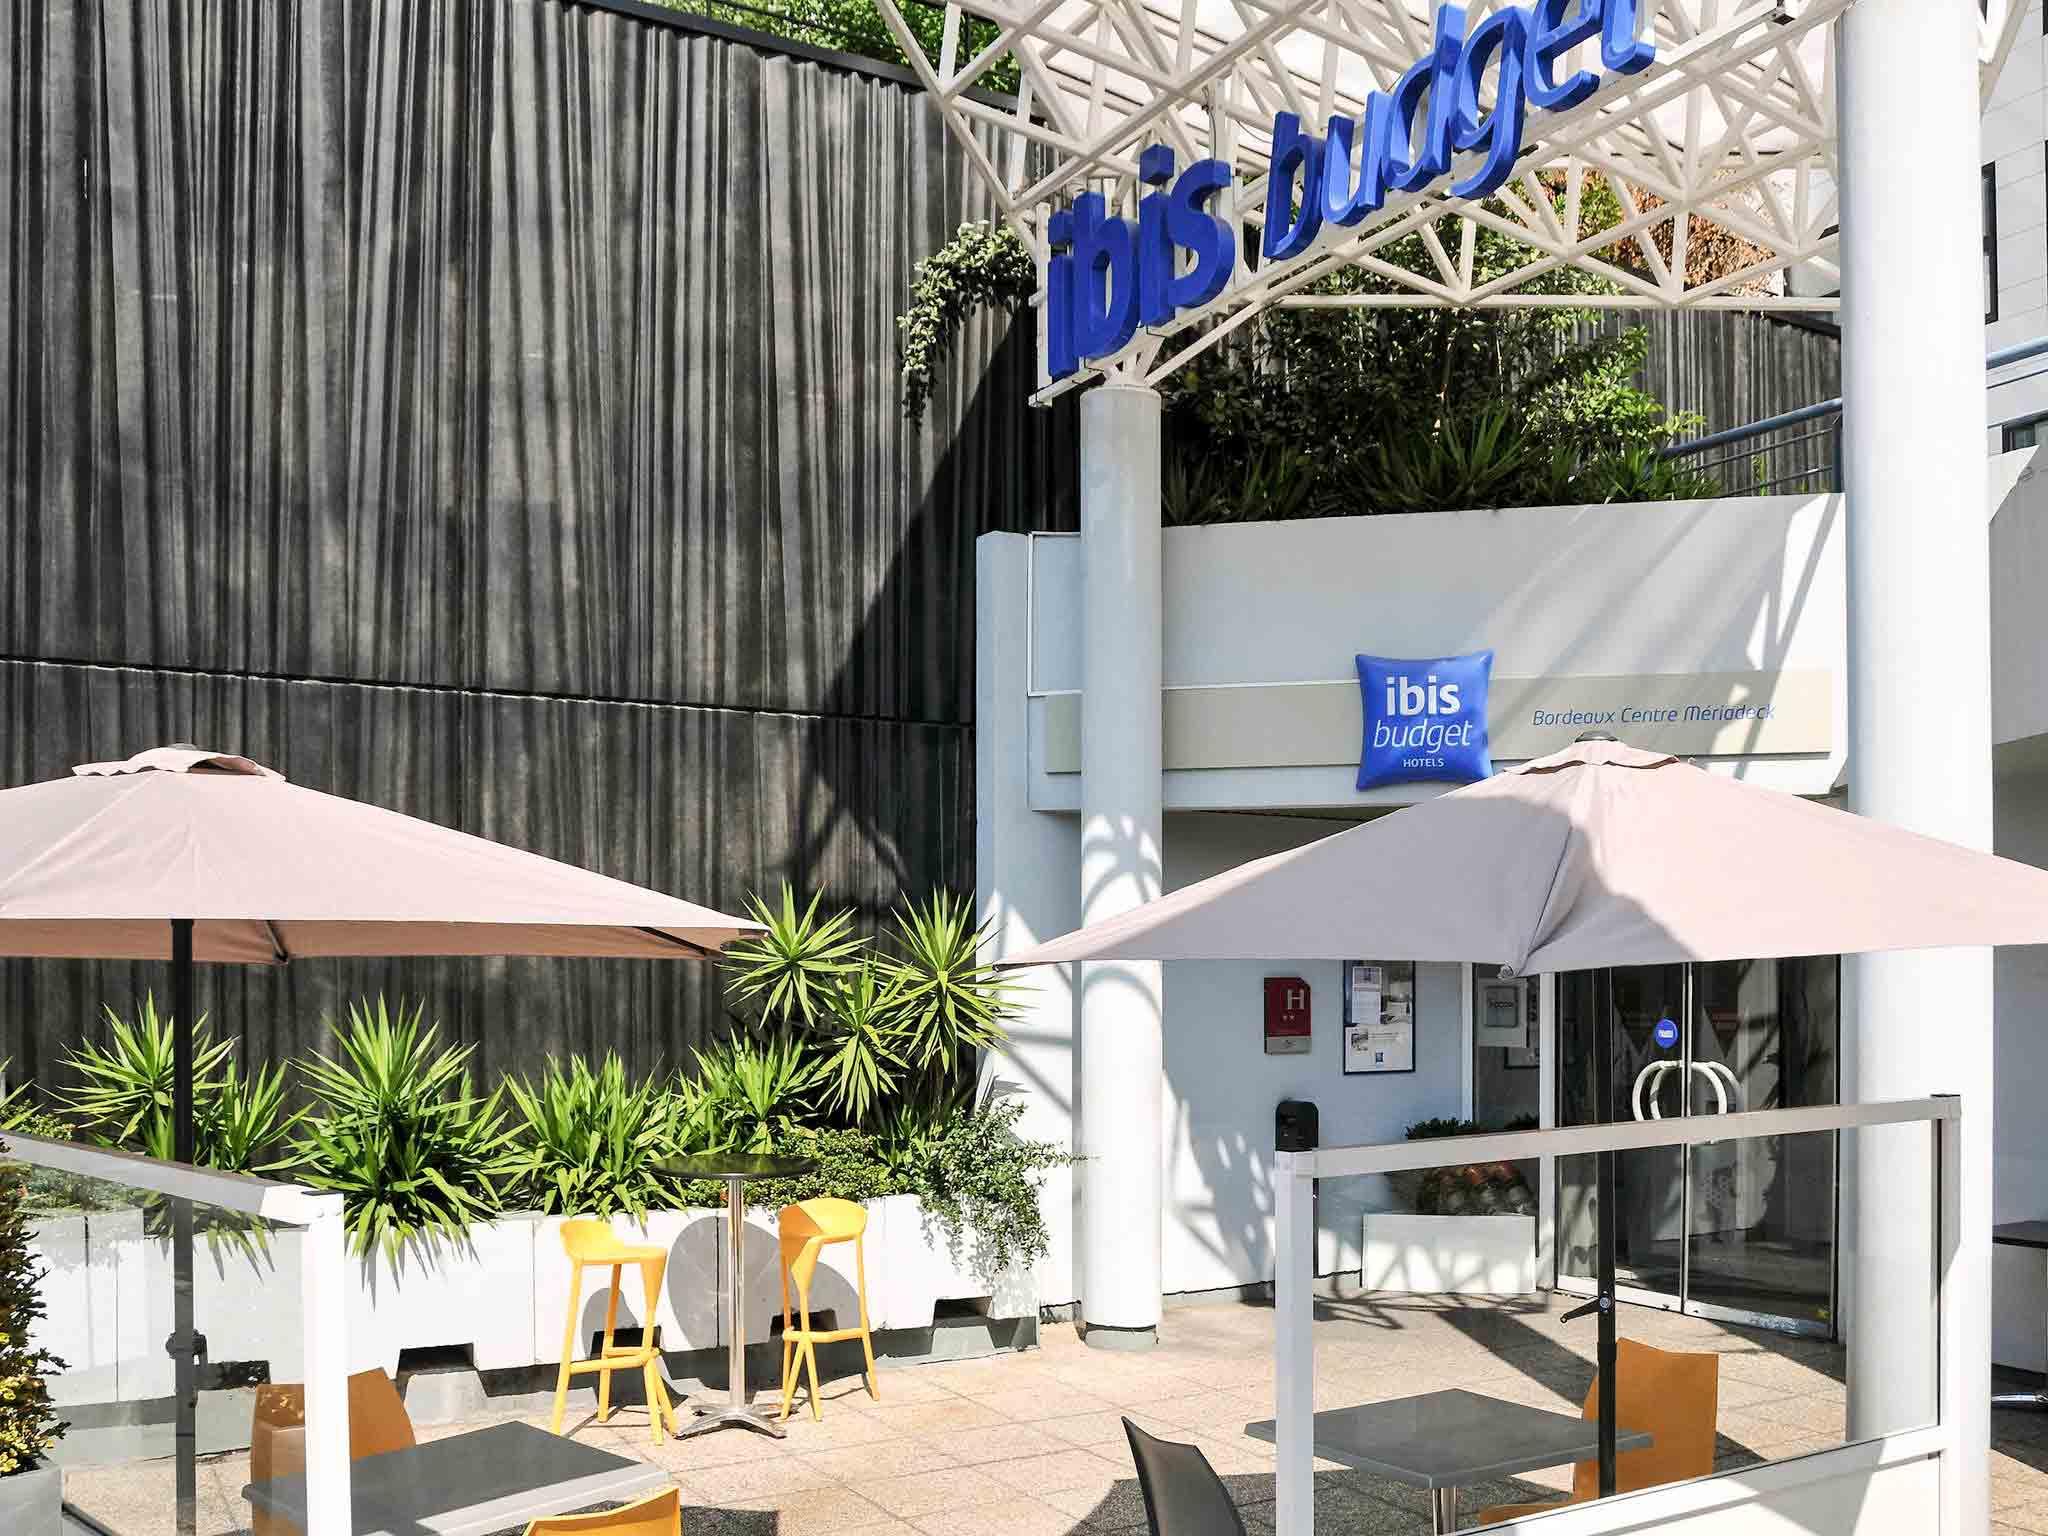 Hotel - ibis budget Bordeaux Centre Mériadeck